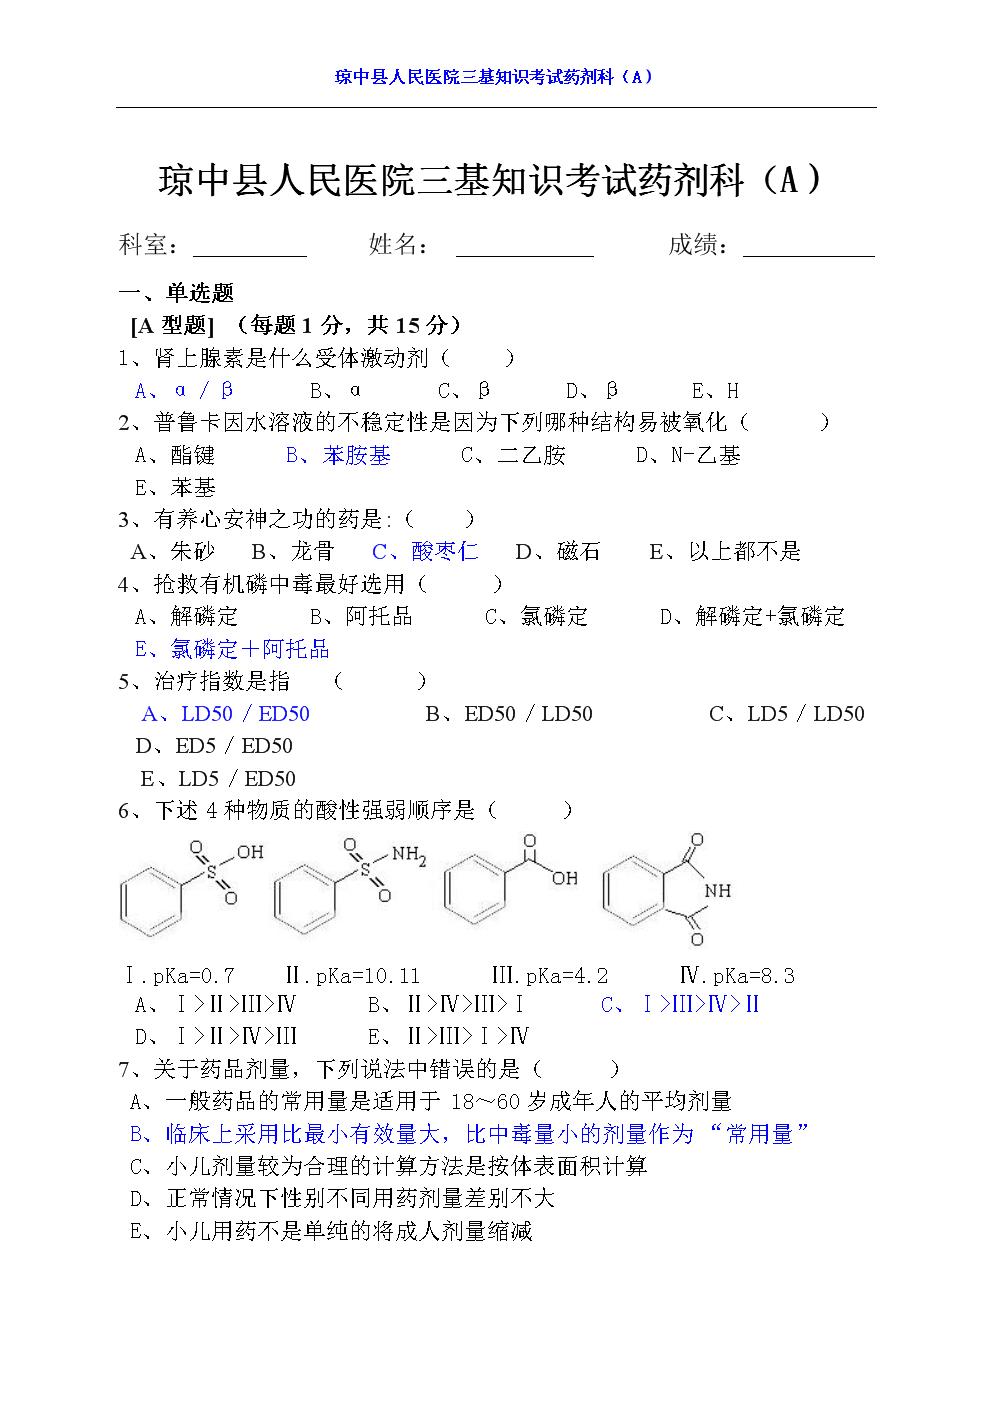 琼中县人民医院三基知识考试药剂科(A)答案.doc